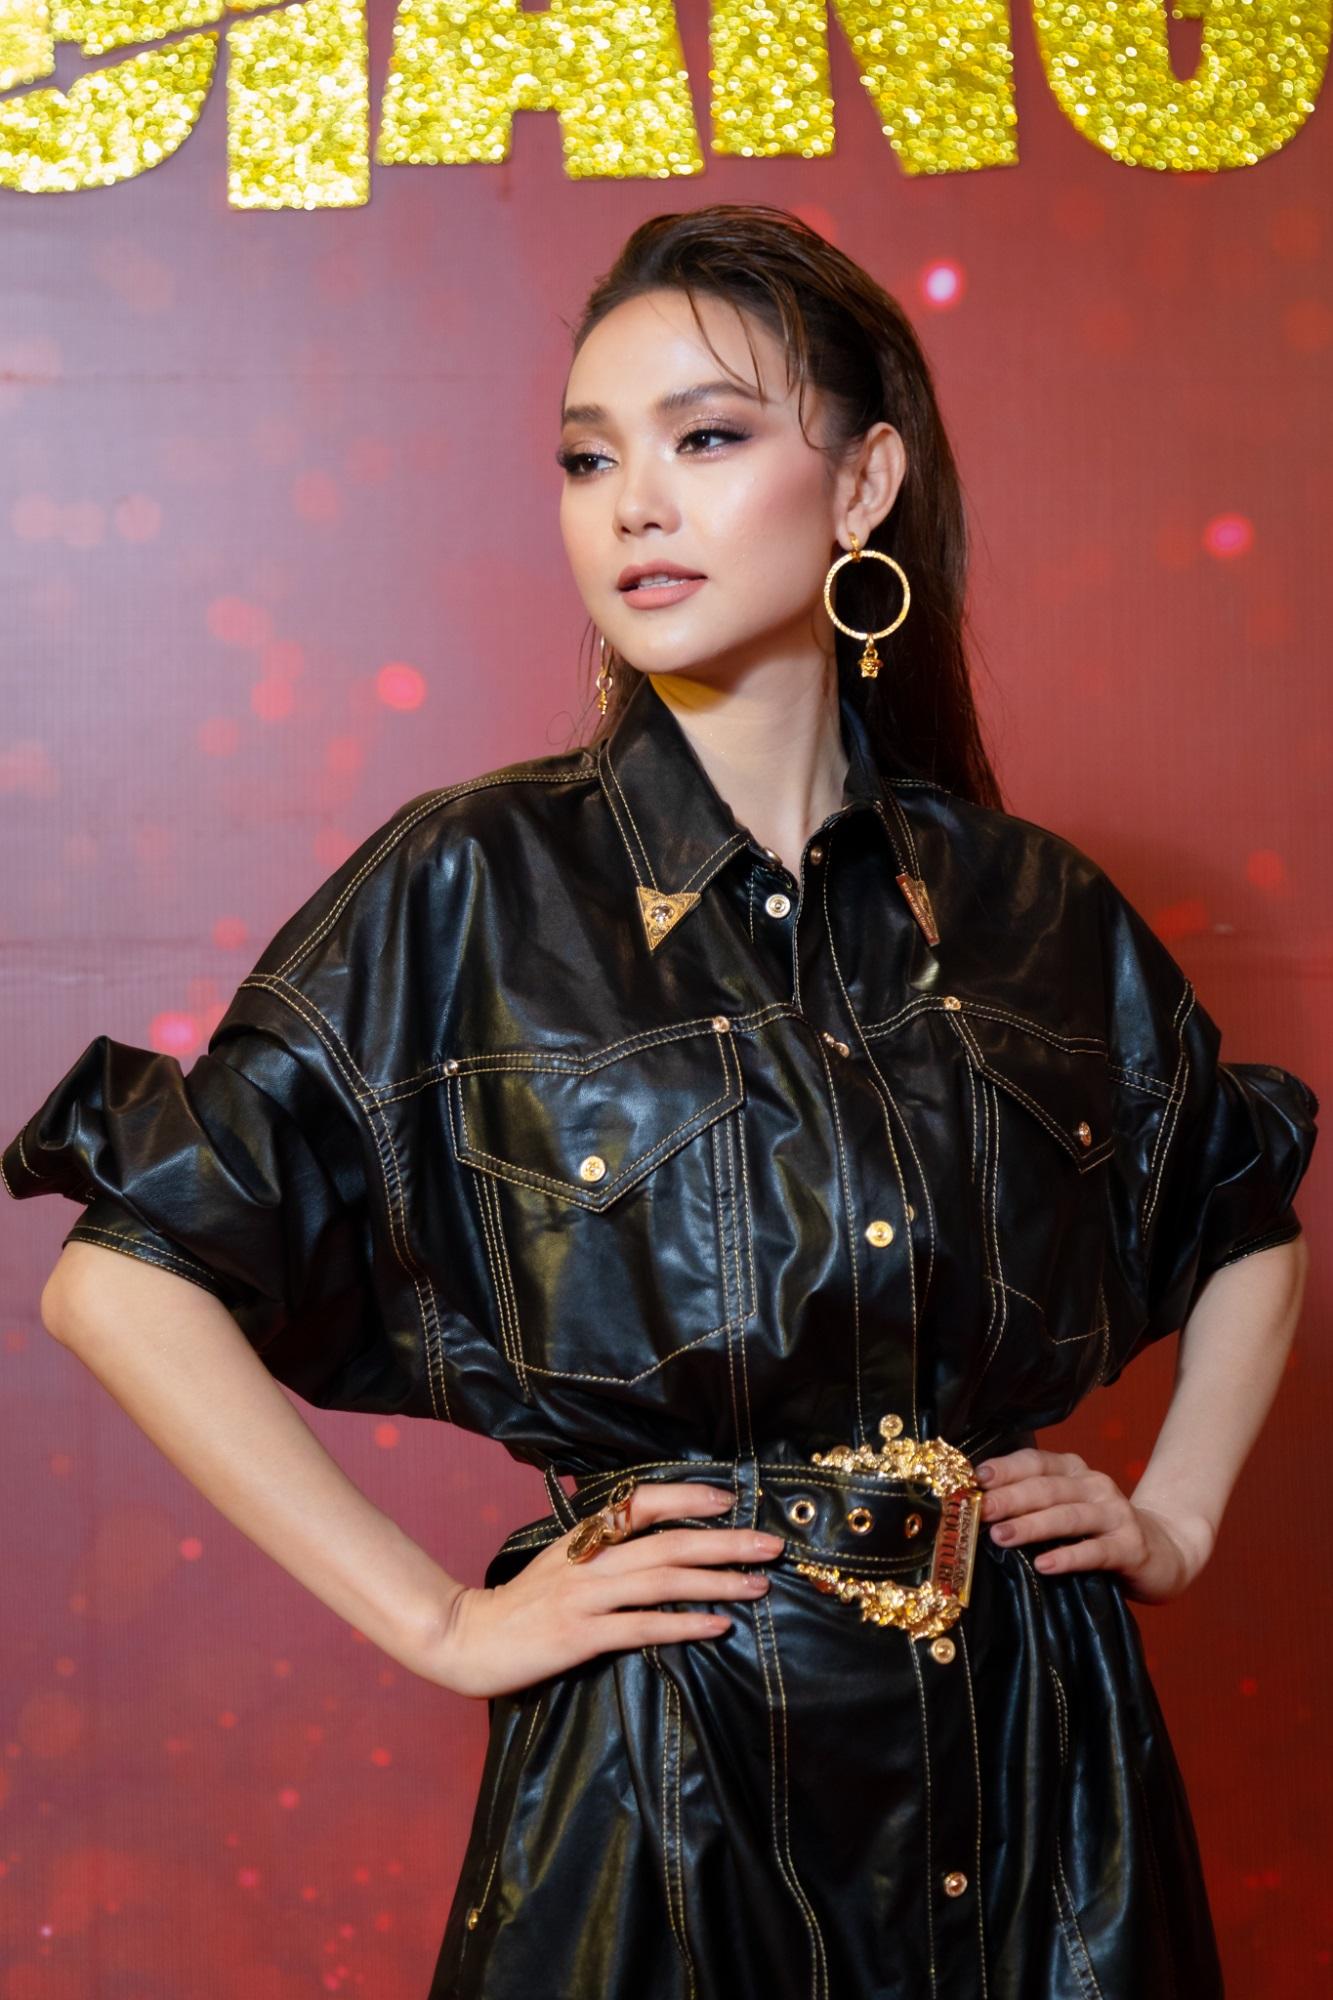 Tăng Thanh Hà và Thanh Hằng rạng rỡ đến chúc mừng Lương Mạnh Hải ra mắt phim đầu tay - Ảnh 3